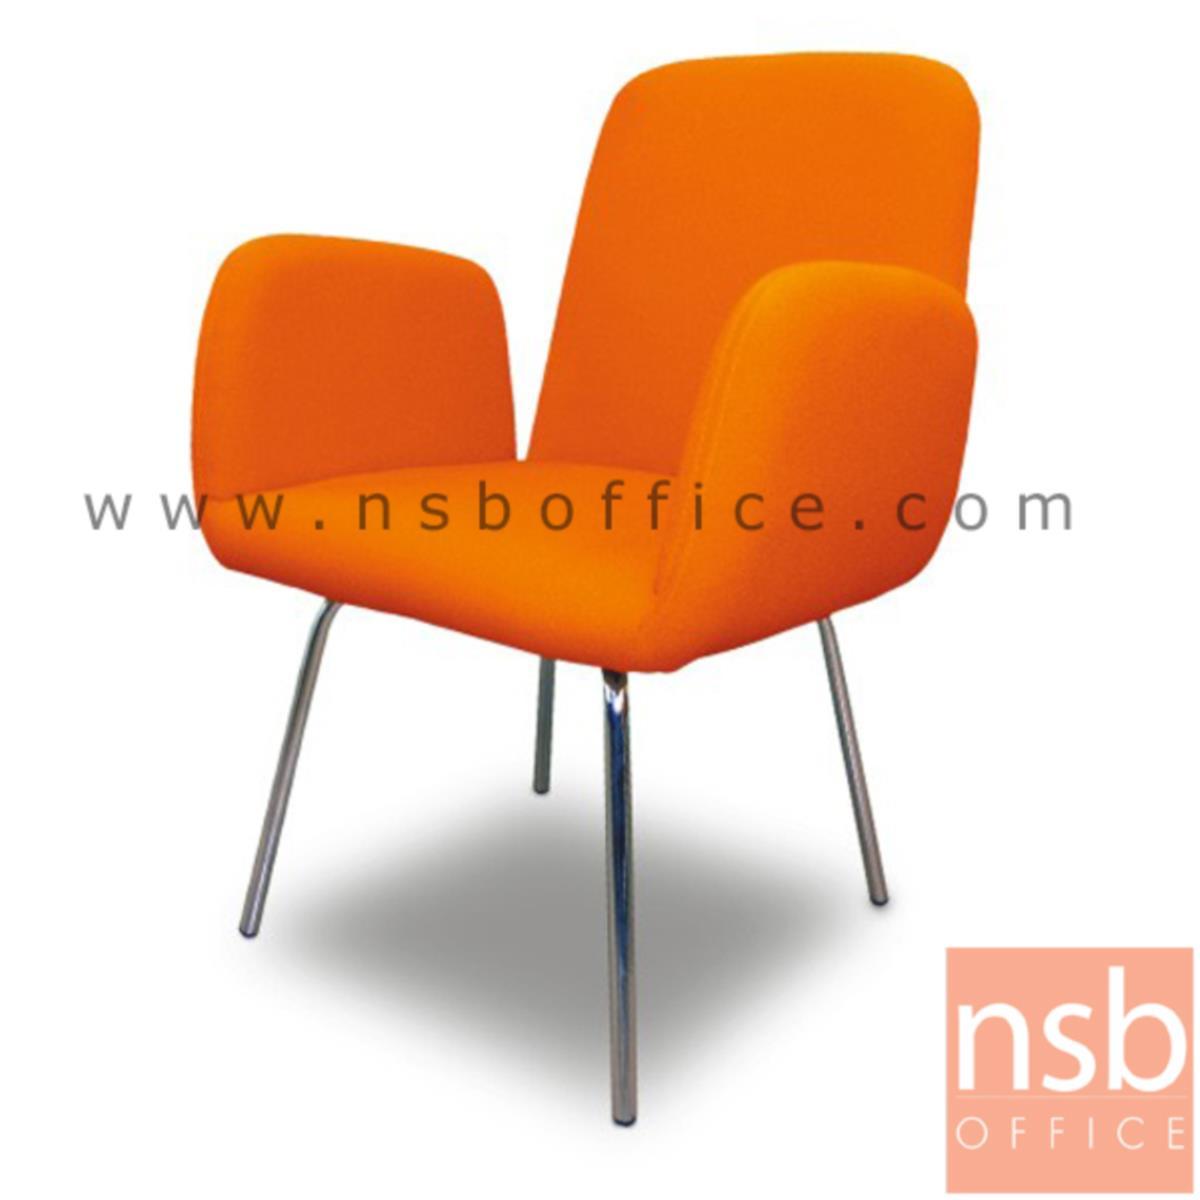 B22A014:เก้าอี้พักผ่อนหนังเทียม  รุ่น Knopfler (นอฟเลอร์) ขนาด 61W cm. ขาเหล็กชุบโครเมี่ยม